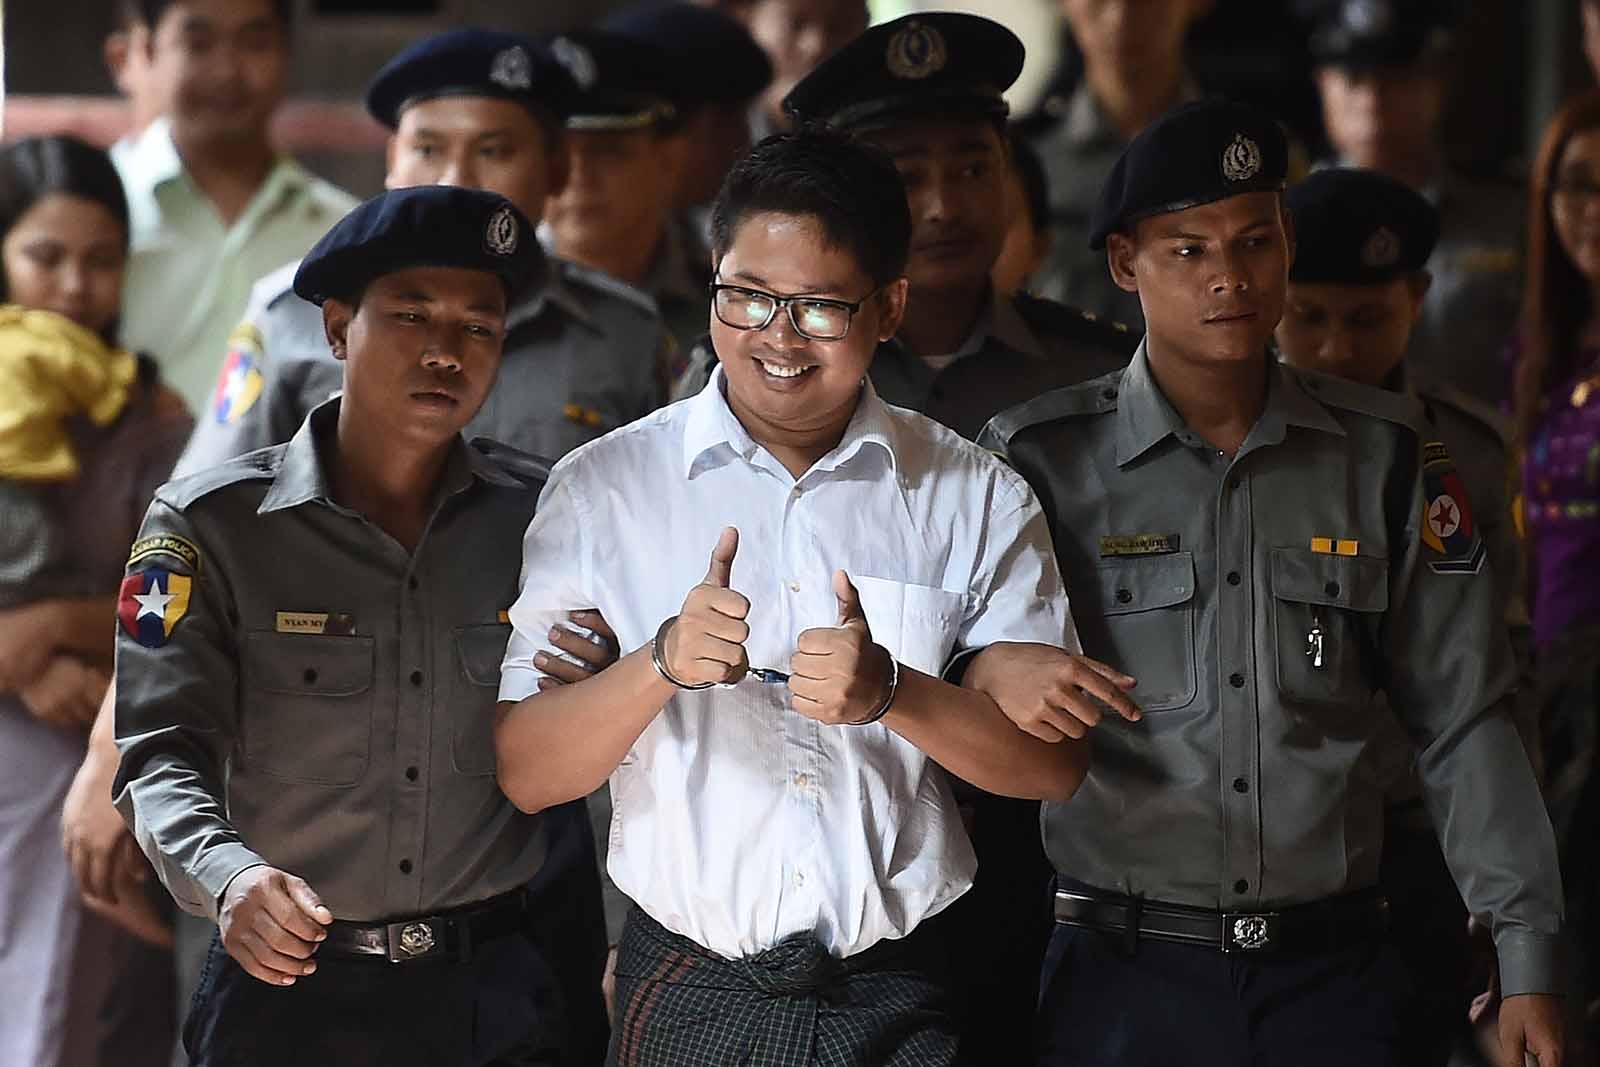 Gyerekkönyvet írt a börtönben a mianmari újságíró, aki 7 évet kapott